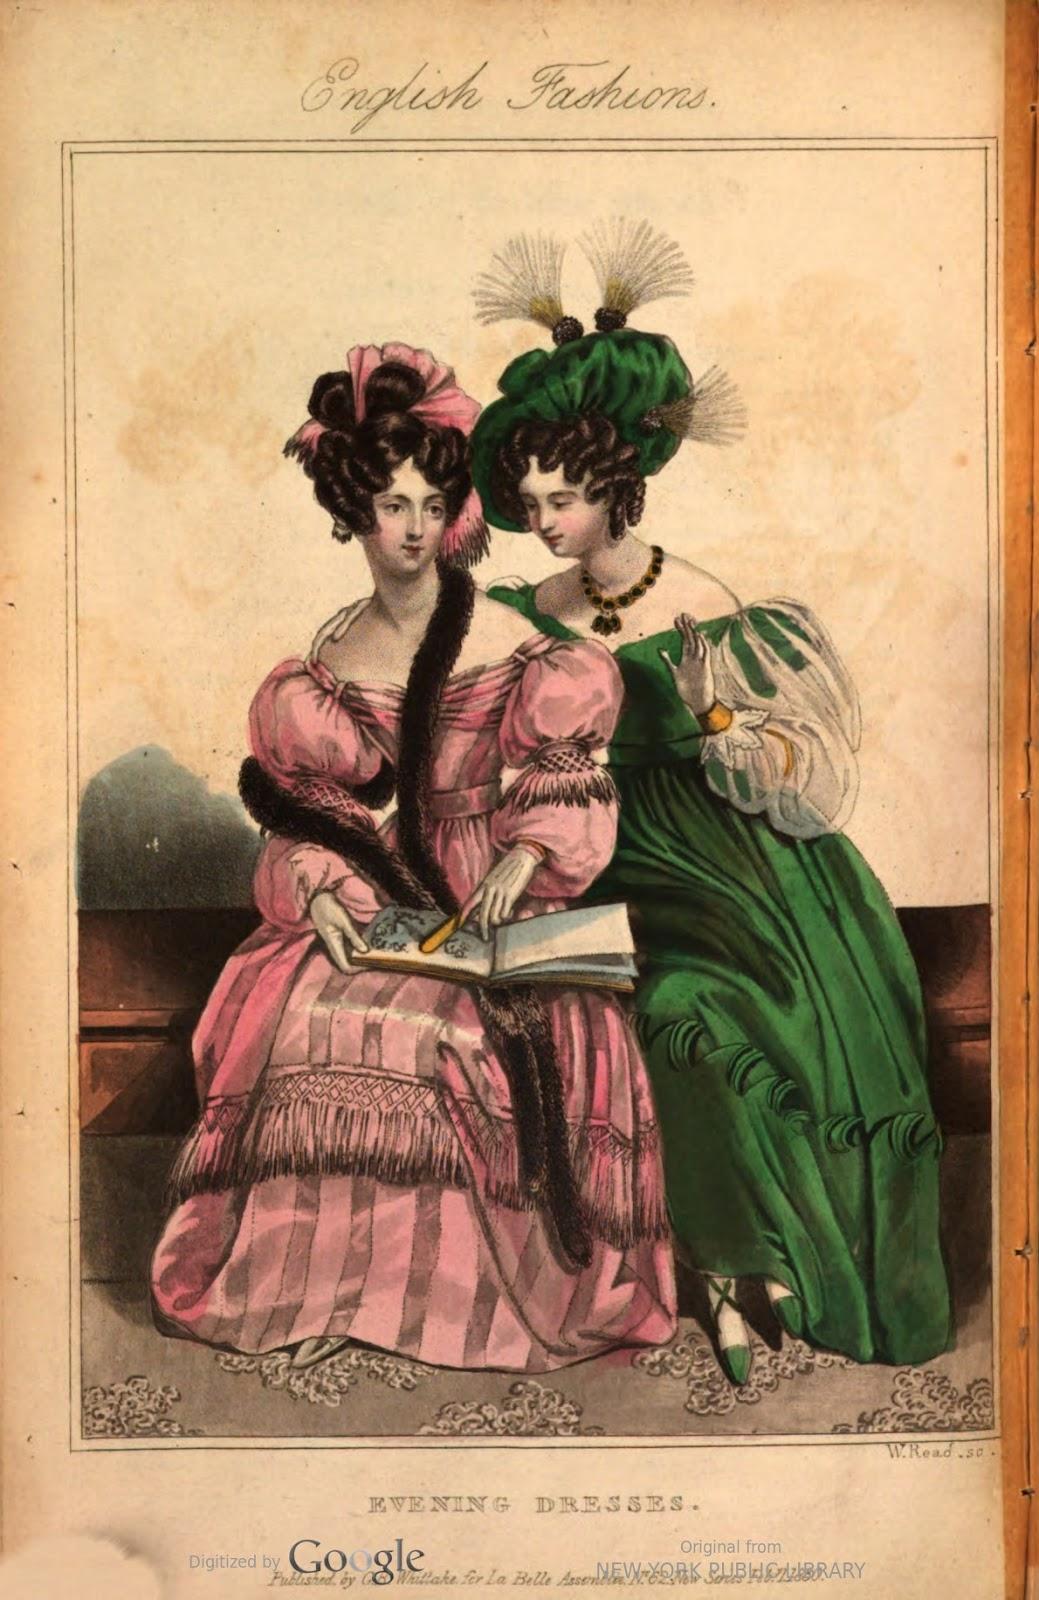 adf7fa567c Fekete bársony csuklyás kalap, fekete chantilly csipke fátyollal és szatén  szalagdísszel. Estélyi ruha rózsaszín szaténból, fehér en jabots  elrendezett ...